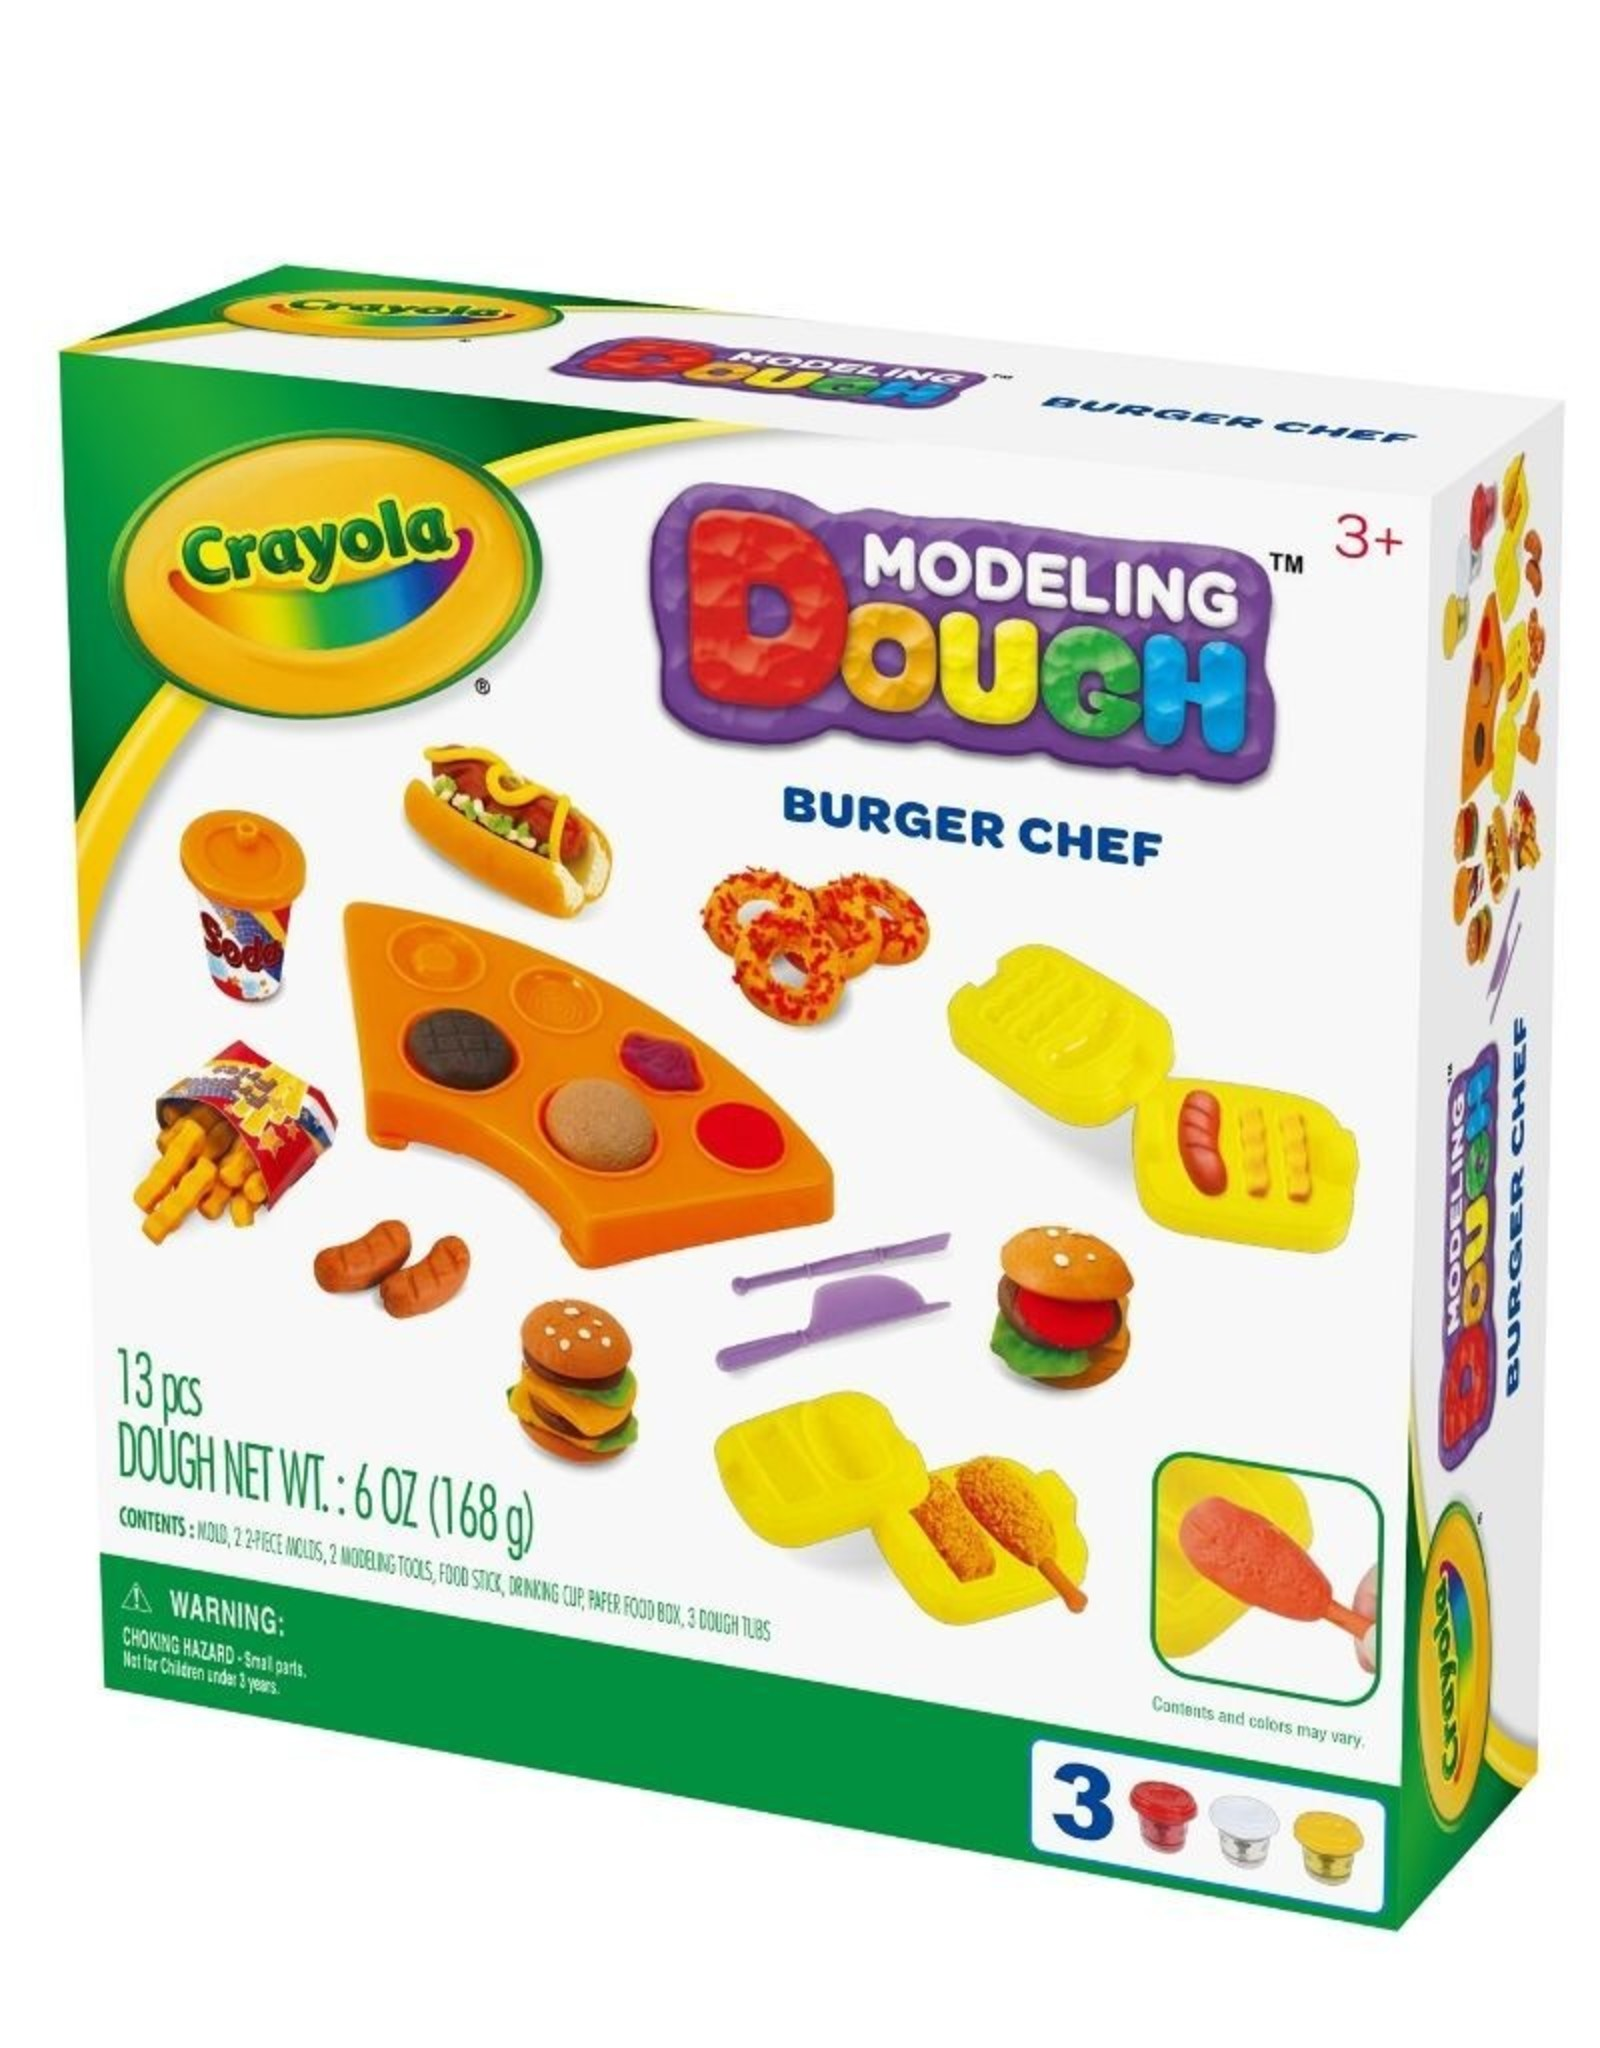 Crayola dough burger